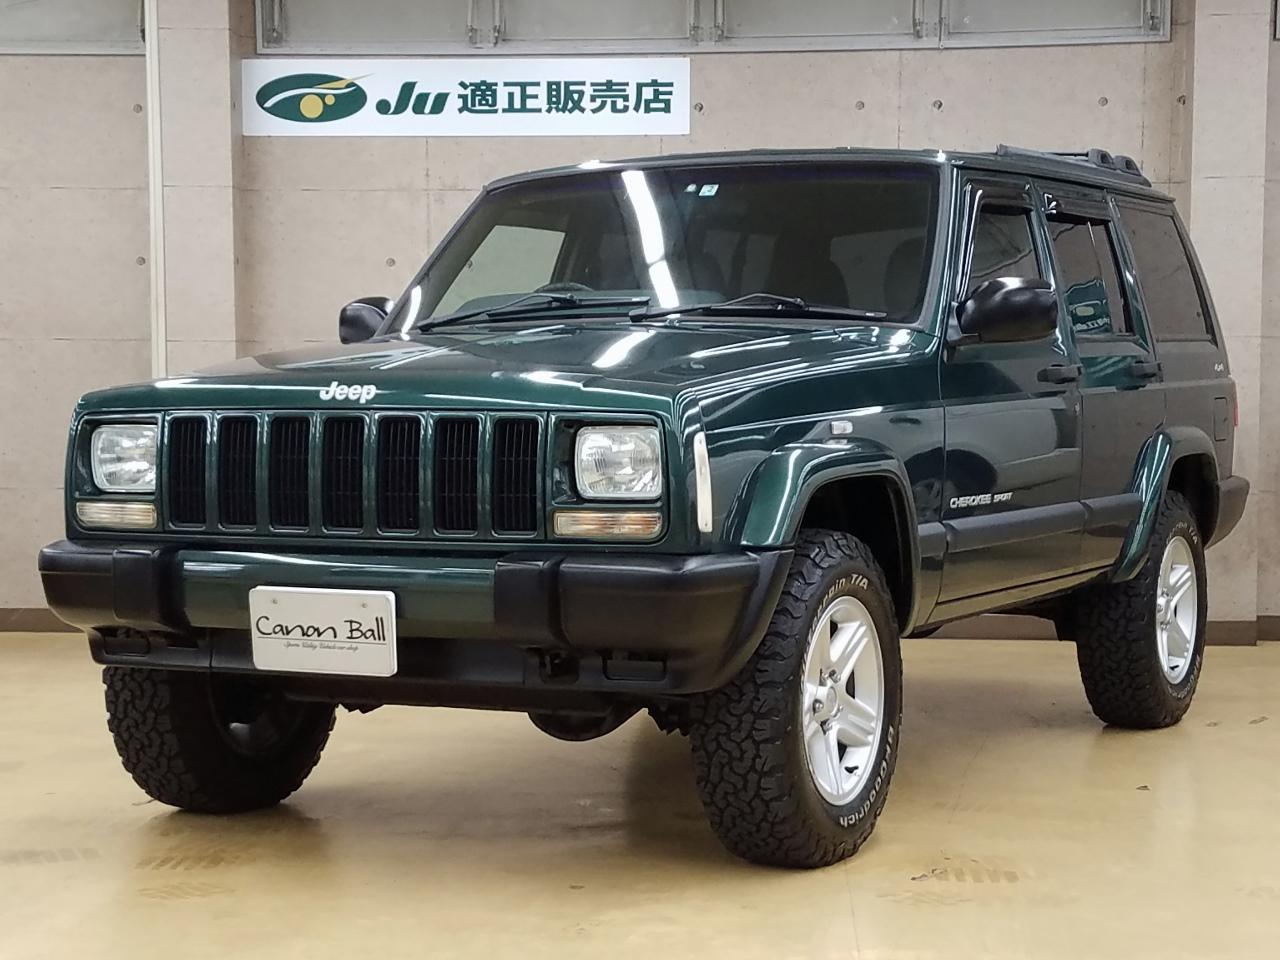 スポーツ 純正16AW&A/Tタイヤ ビルトイン式SDナビ&地デジフルセグTV&Bluetooth一体機 XJ型Jeep最終モデル【車検32年2月】【美車】 のイメージ画像です